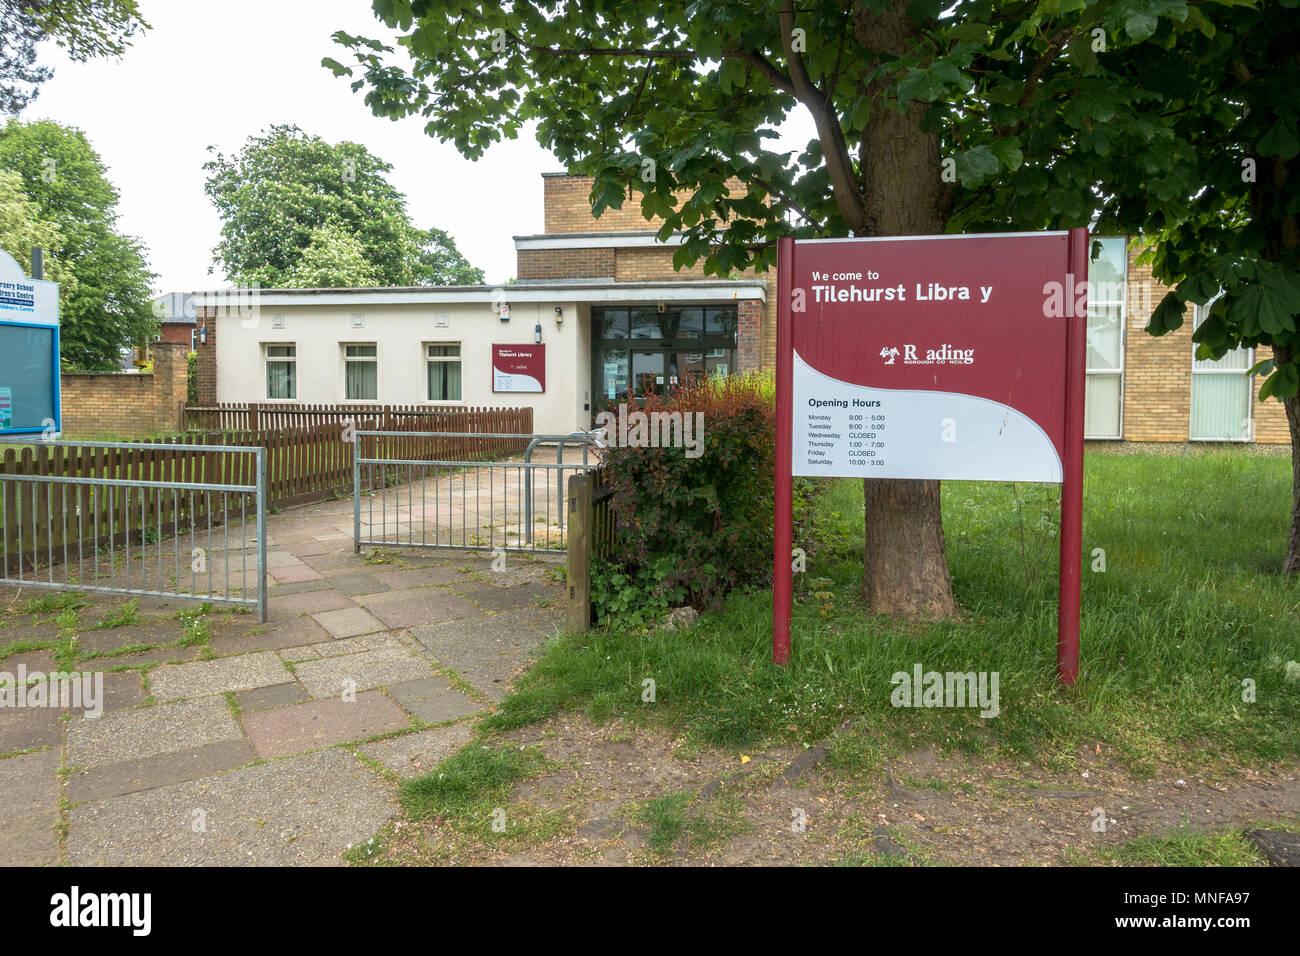 Tilehurst Library on School Road, Reading. Stock Photo